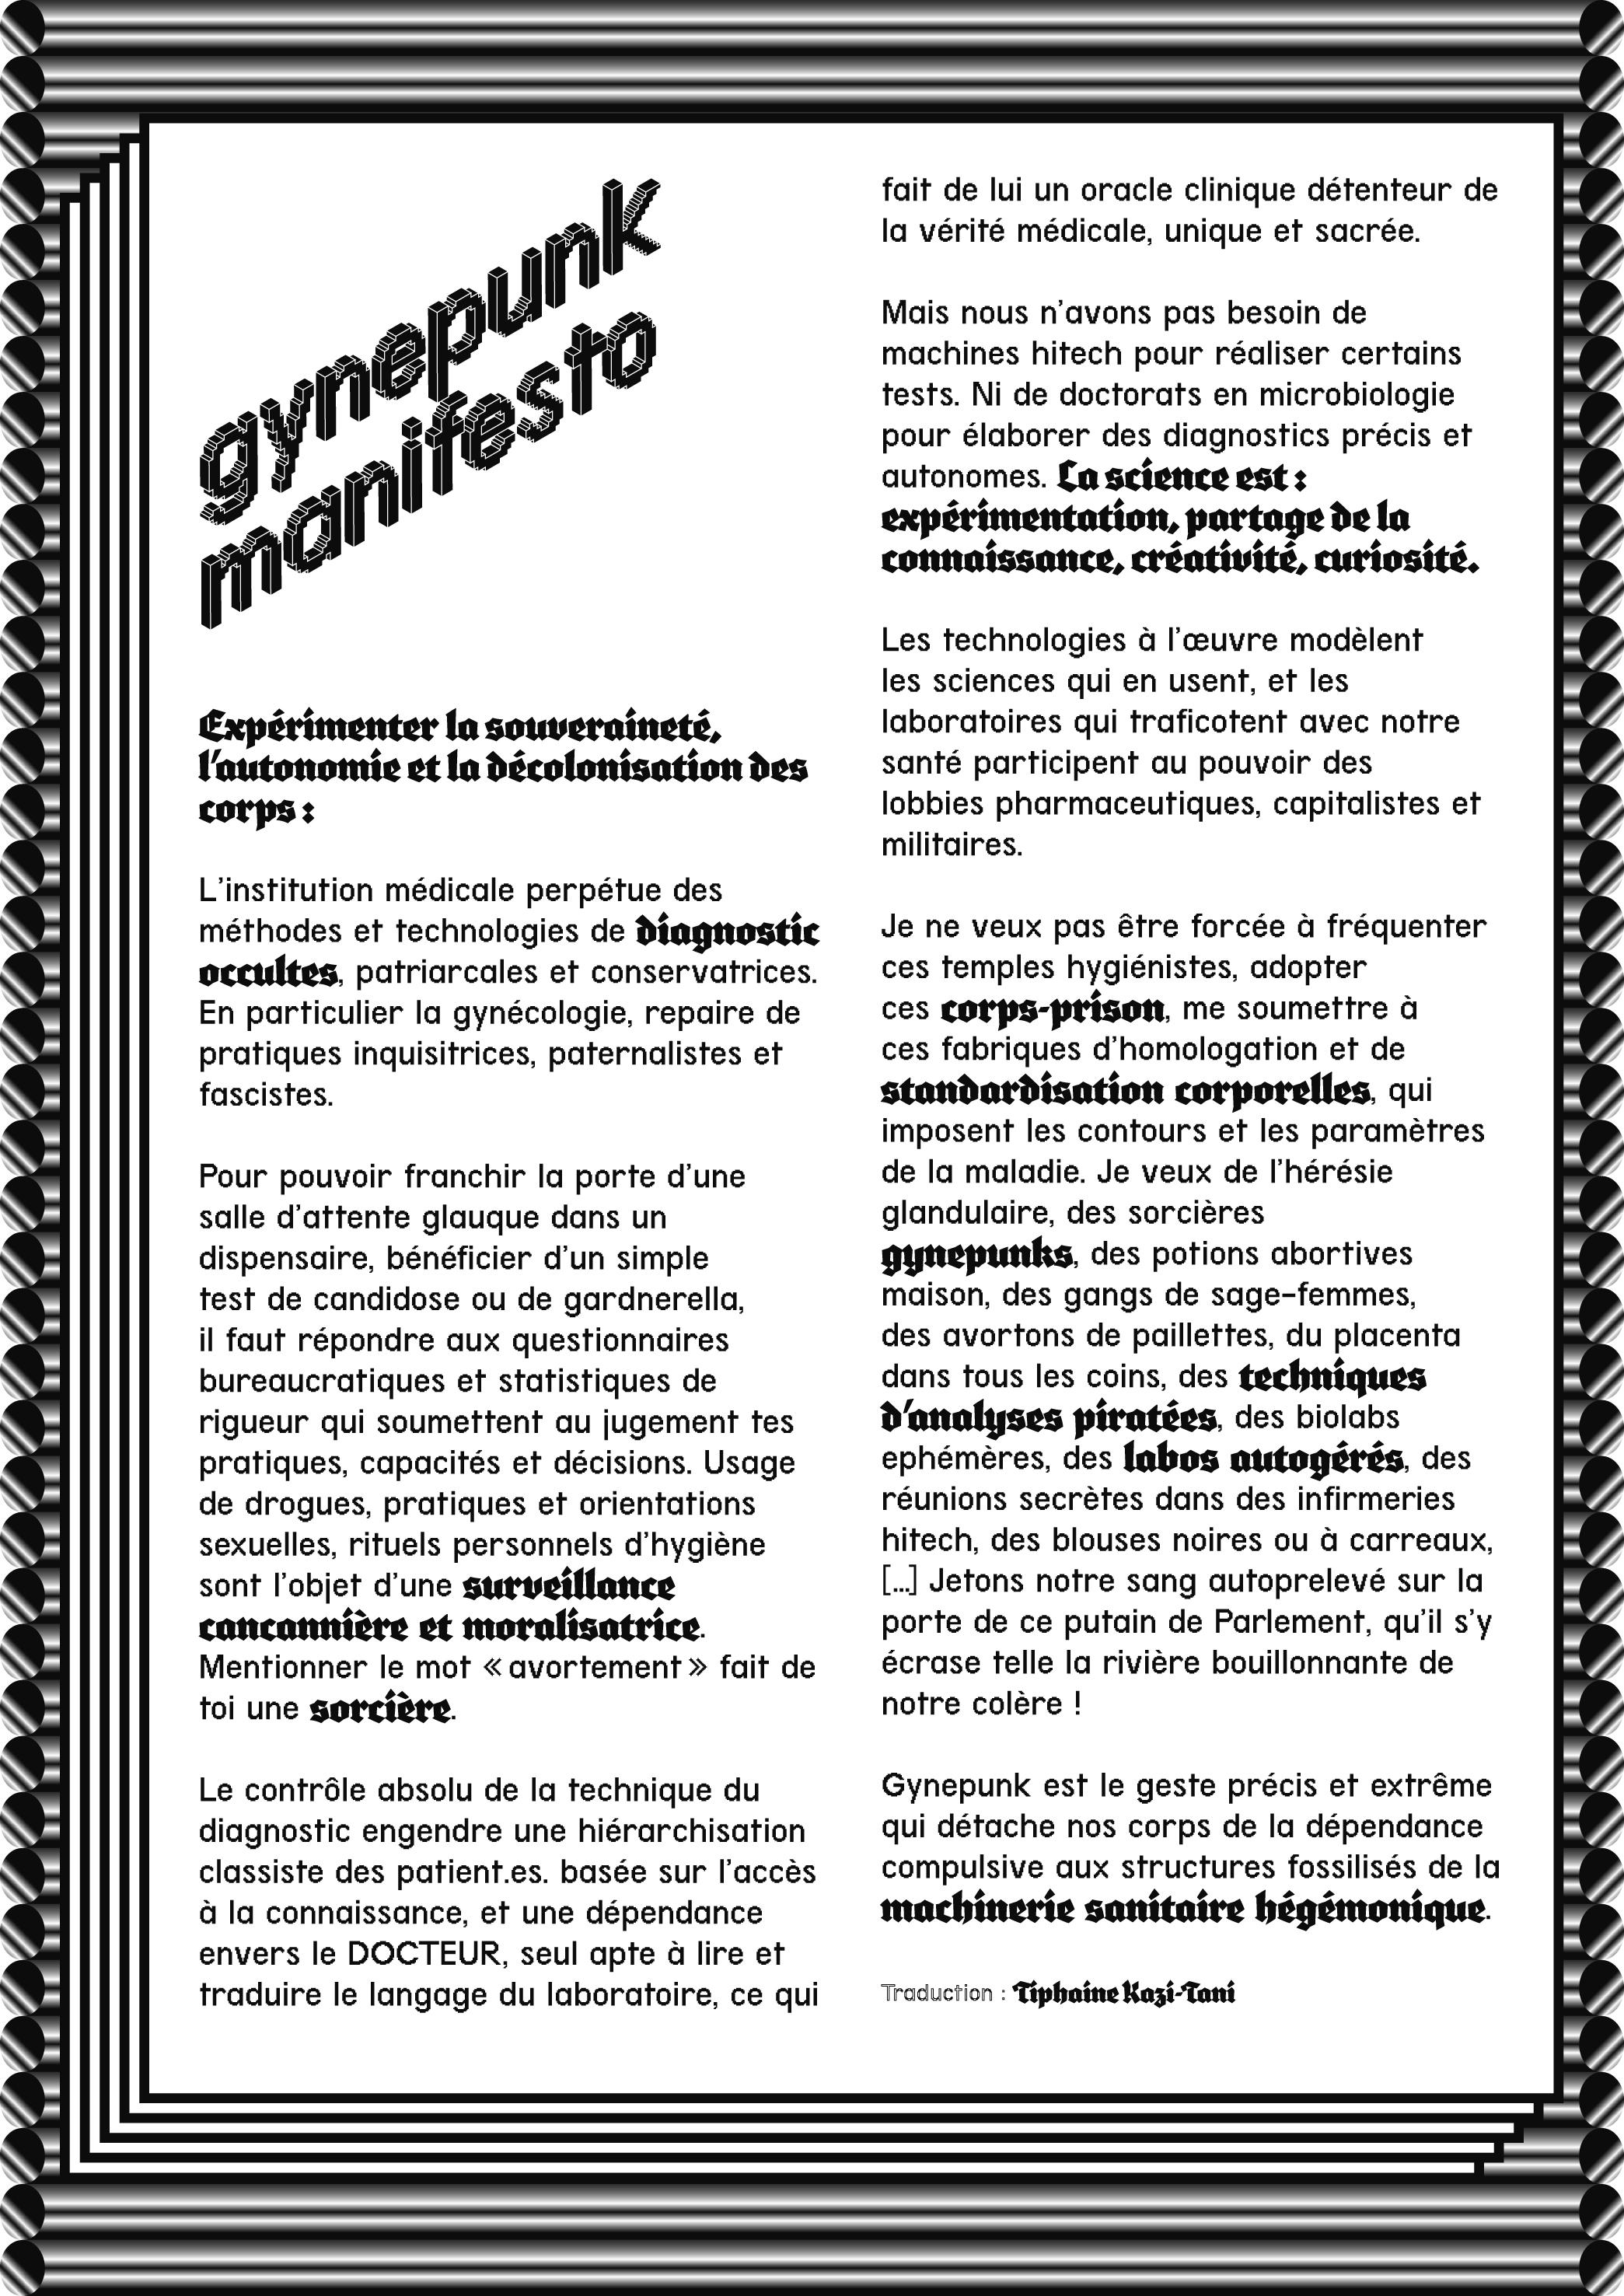 Manifesto 1 of 3